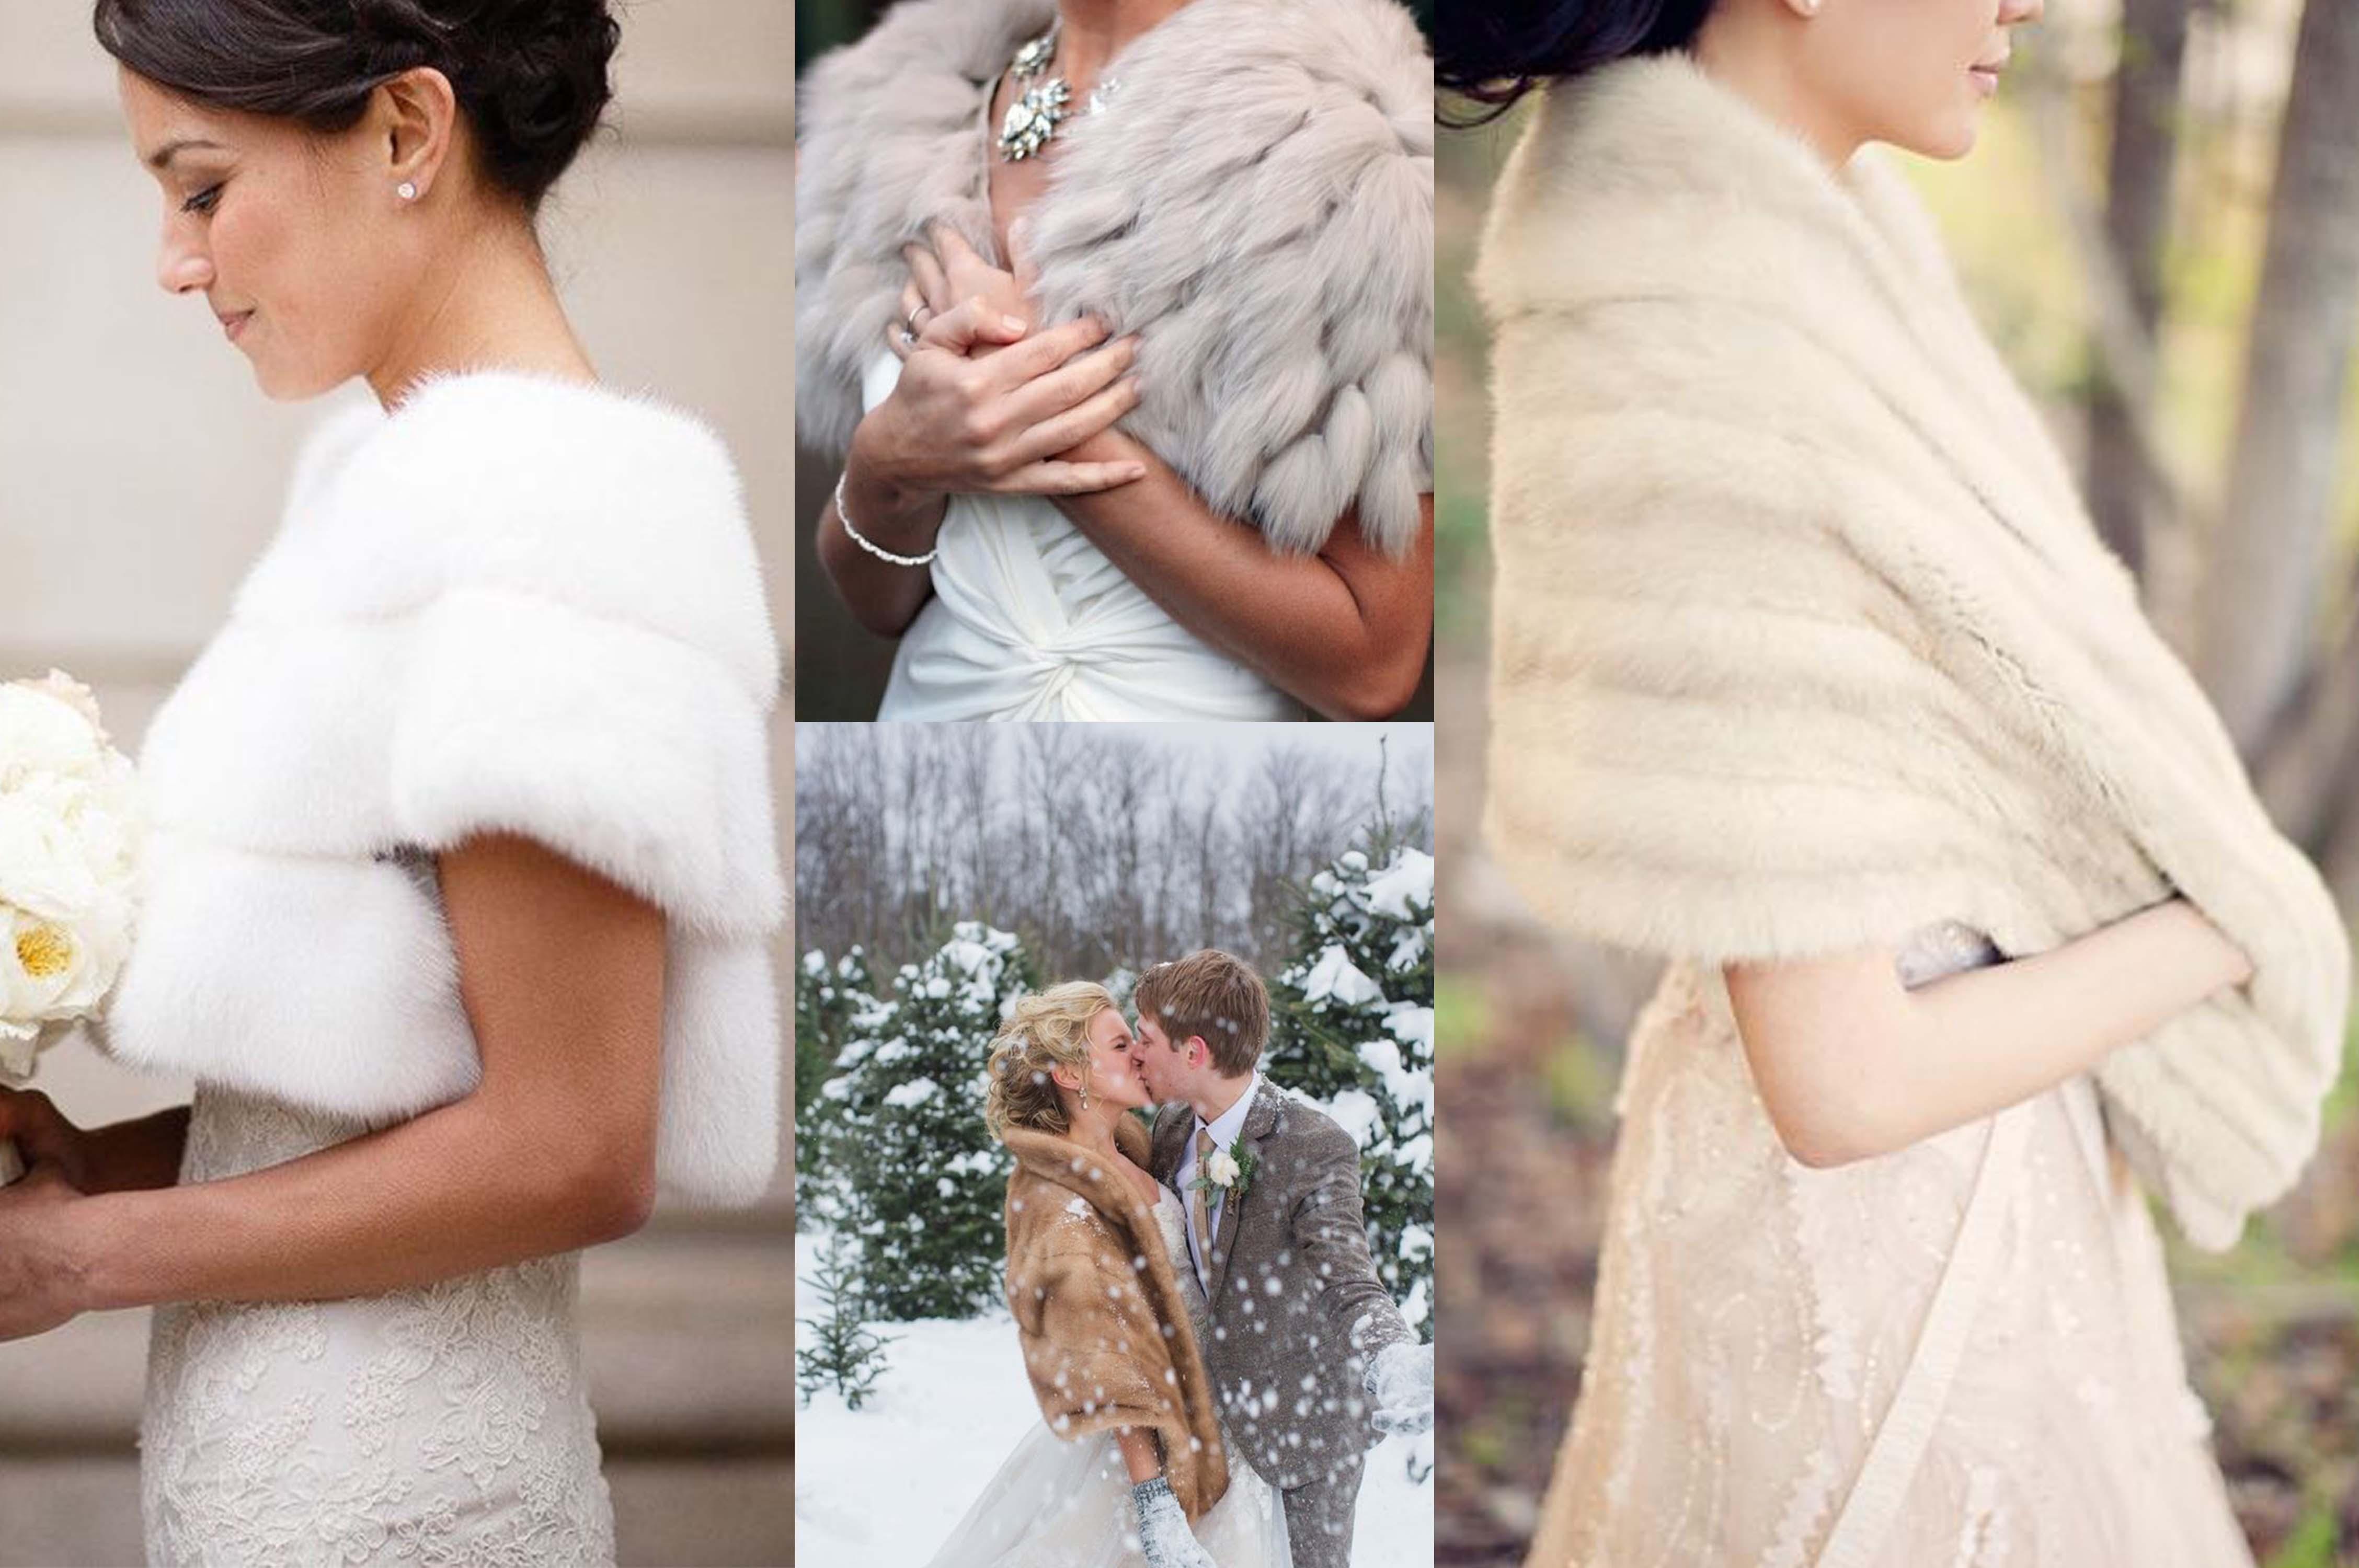 febb5c0ee7 Abito da sposa con pelliccia: come vestirsi per un matrimonio in inverno